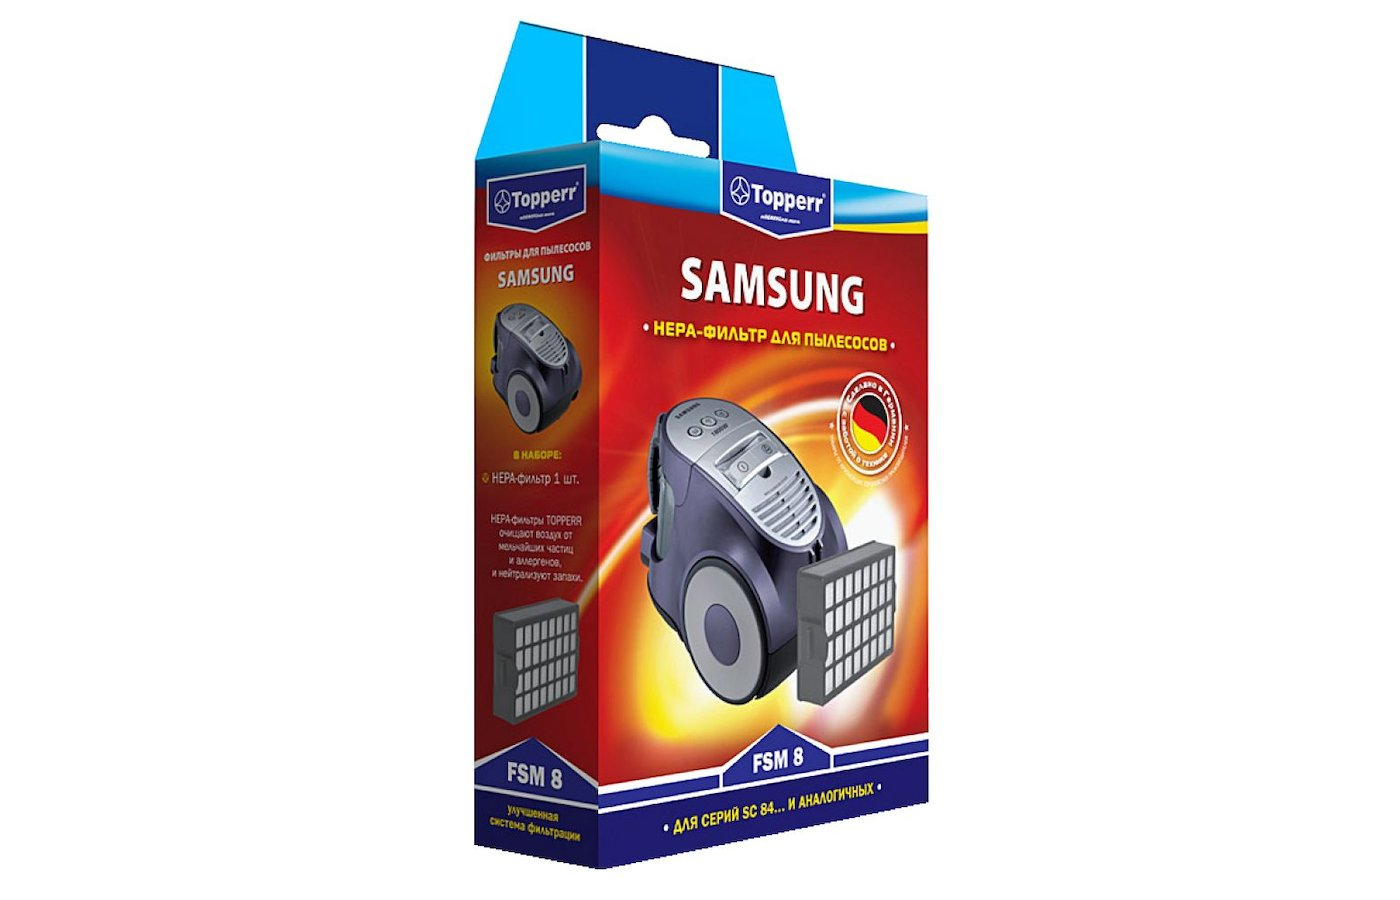 Фильтр для пылесоса TOPPERR 1106 FSM 8 HEPA-фильтр д/пылесоса Samsung SC84... серии H12 1 шт.в ед.